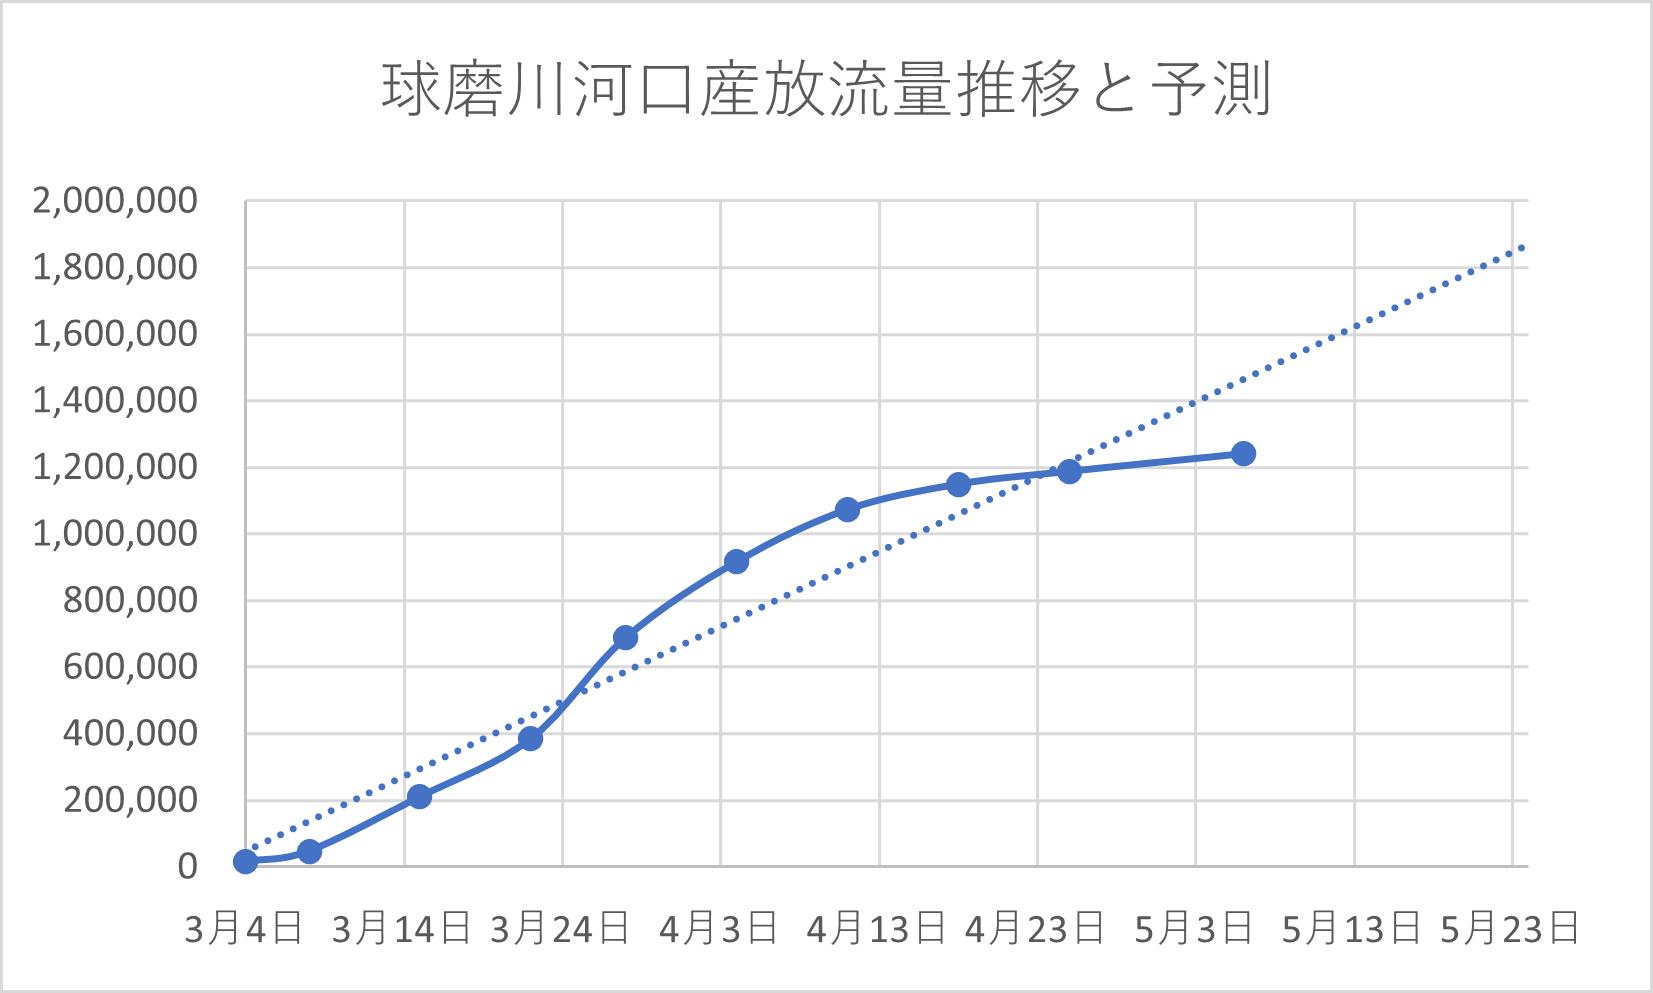 球磨川河口産天然稚鮎放流量